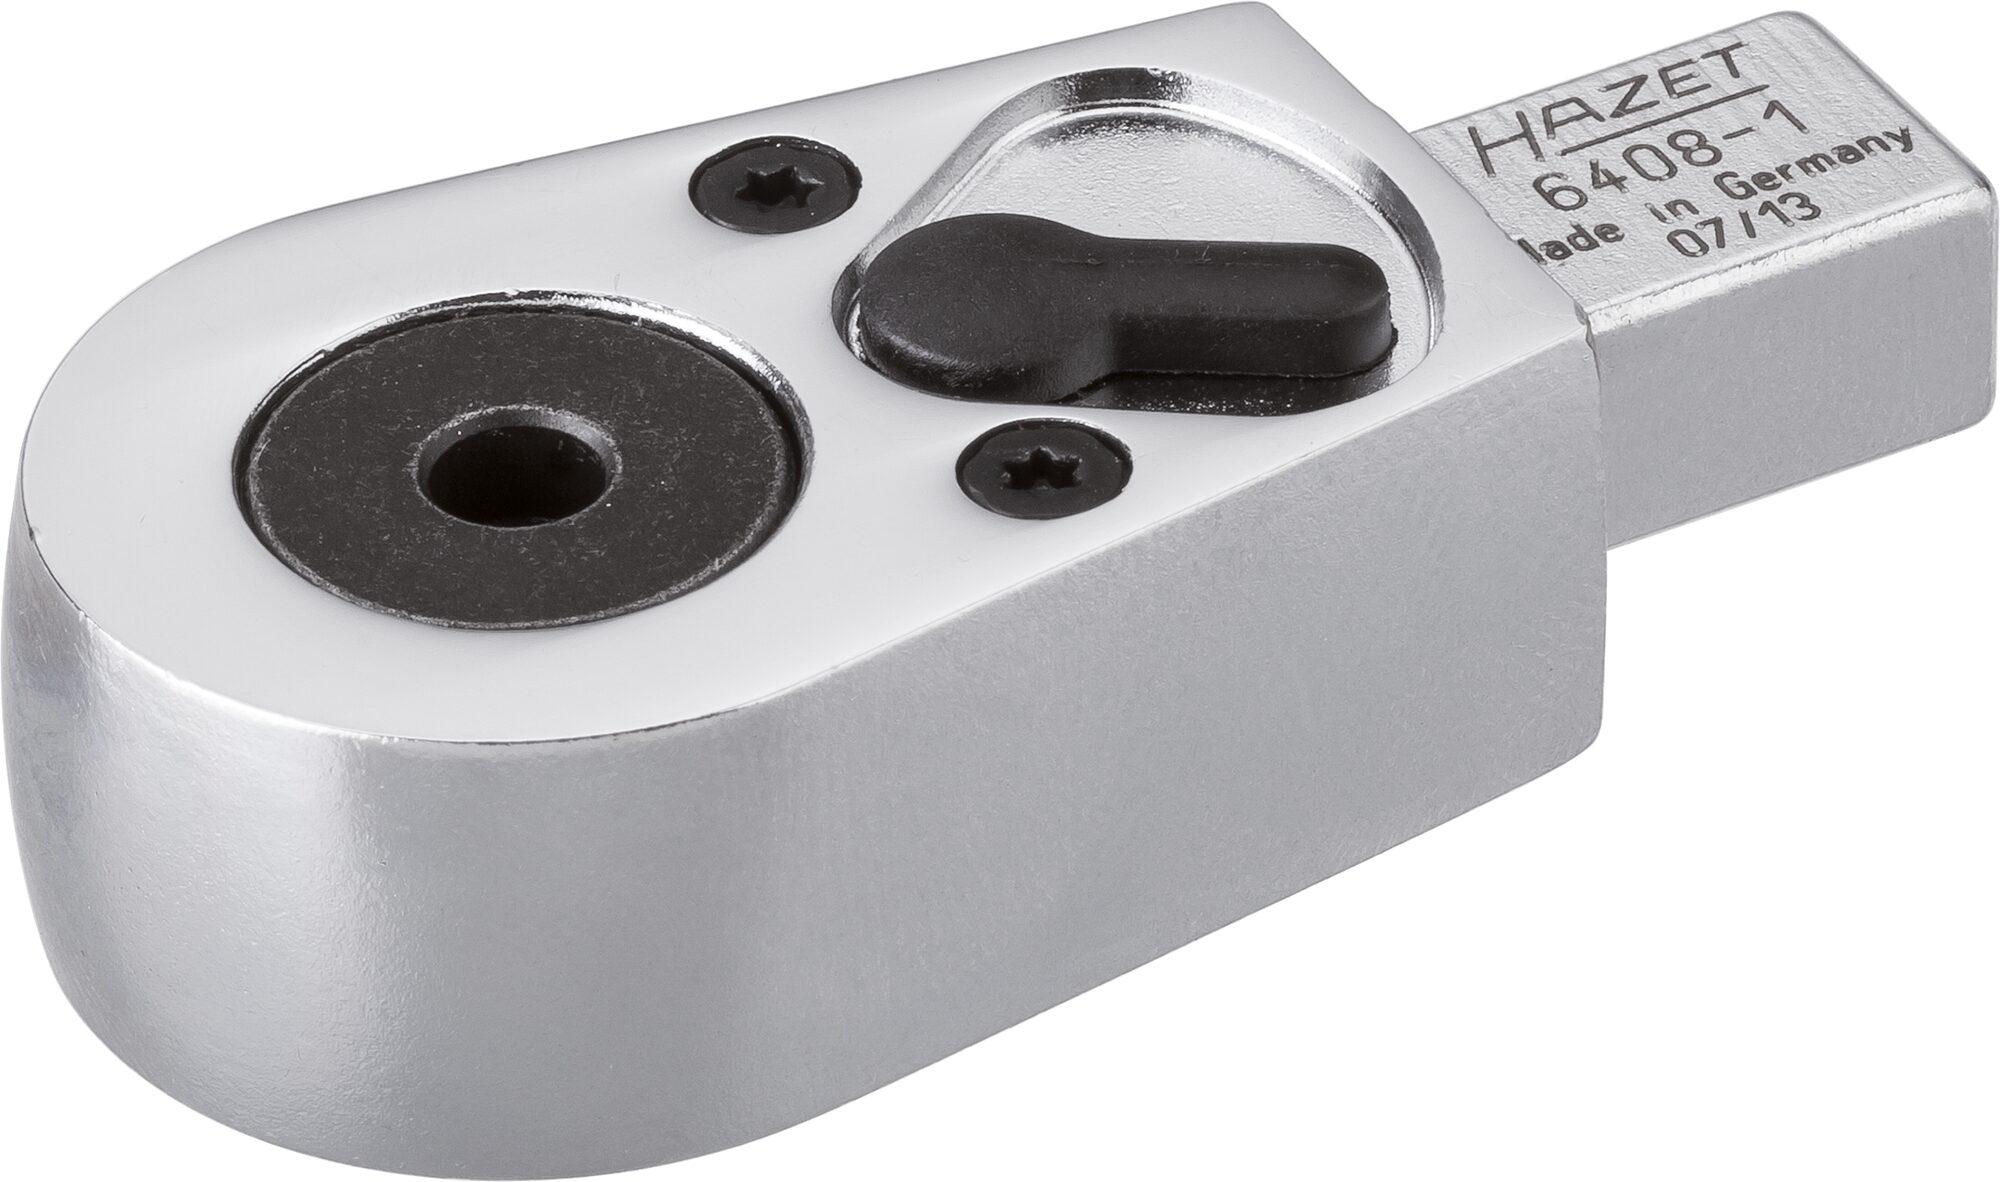 HAZET Bit Einsteck-Umschaltknarre 6408-1 ∙ Einsteck-Vierkant 9 x 12 mm